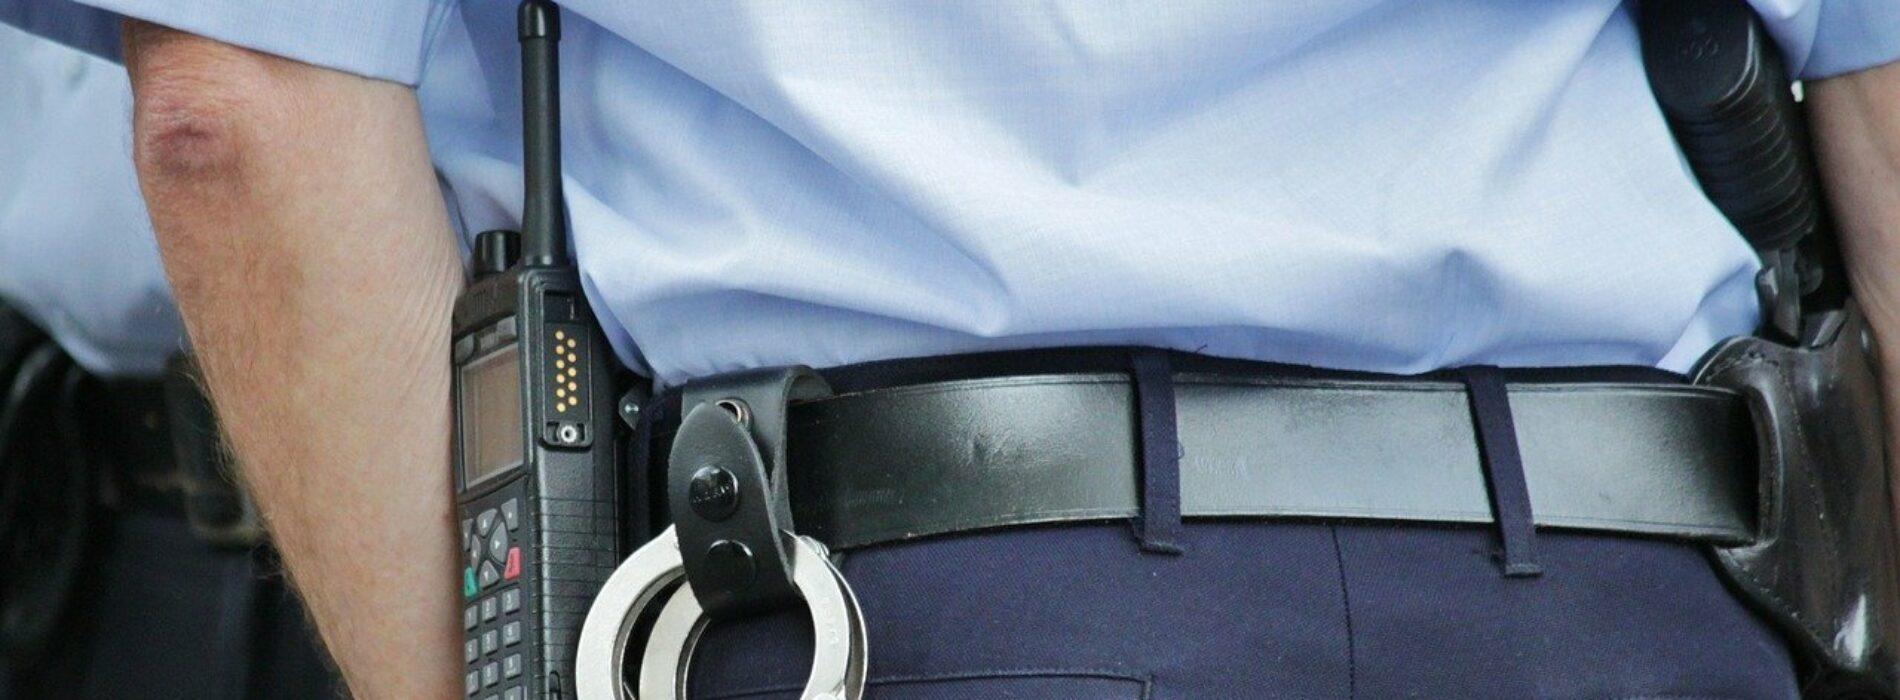 Oławska policja zatrzymała 12 osób ukrywających się przed organami ścigania